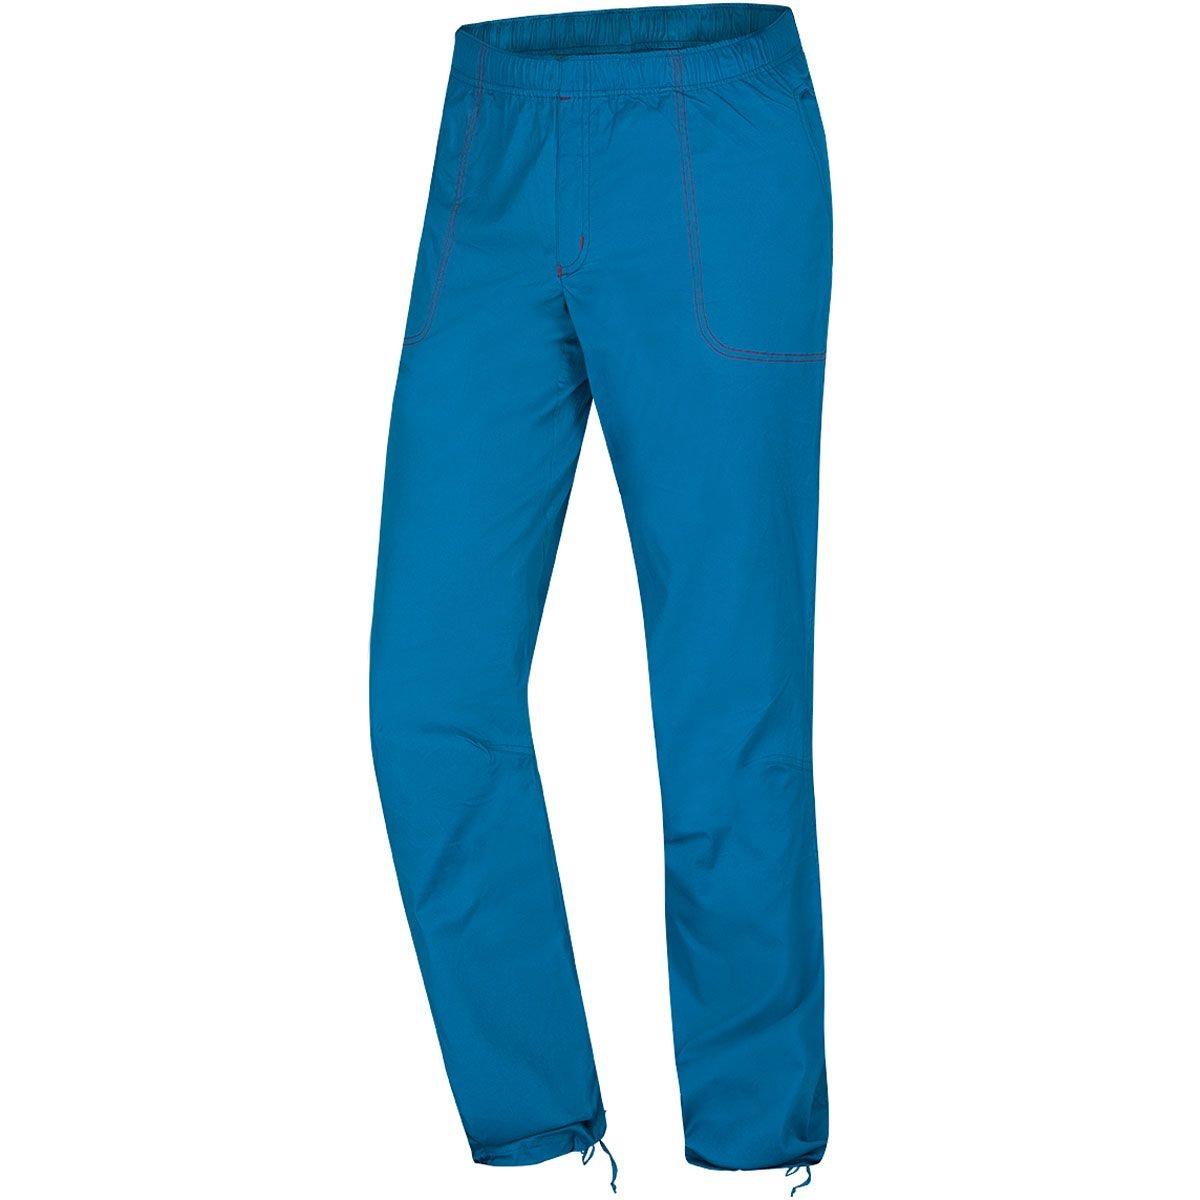 Ocun–Jaws–Pantalones capri blue–Pantalones de escalada